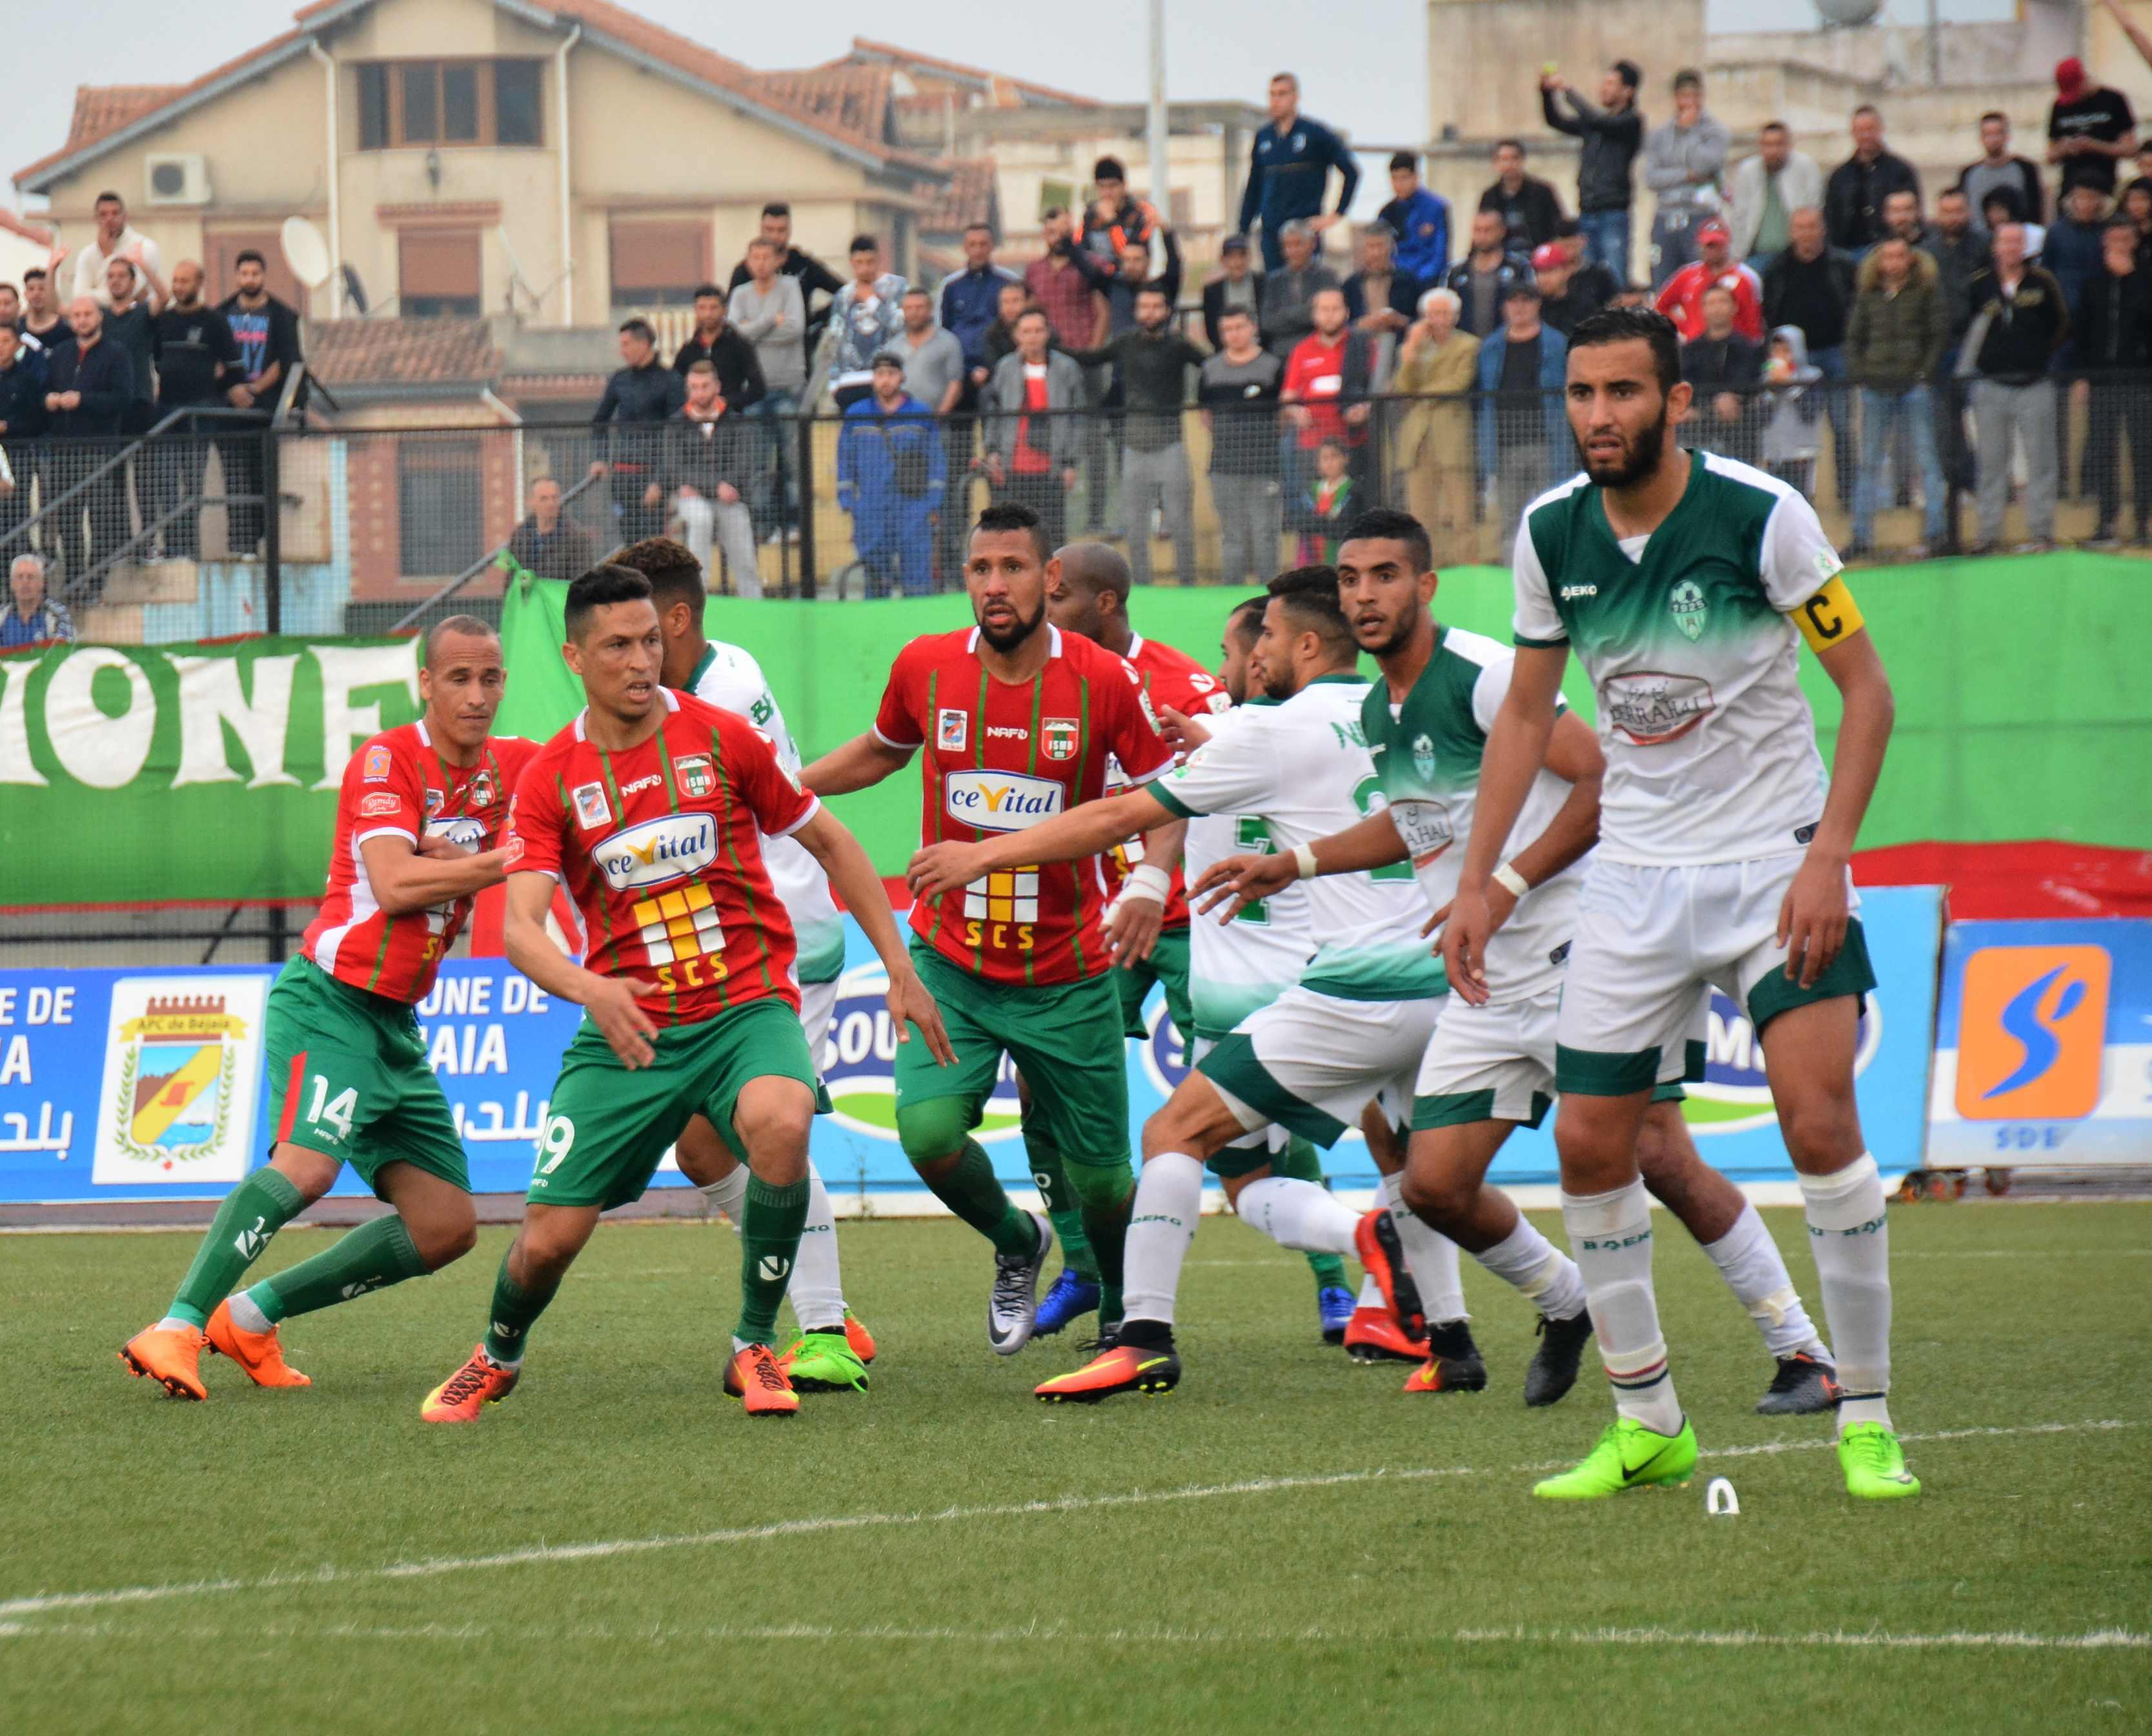 Rencontre en Algérie (DZ)